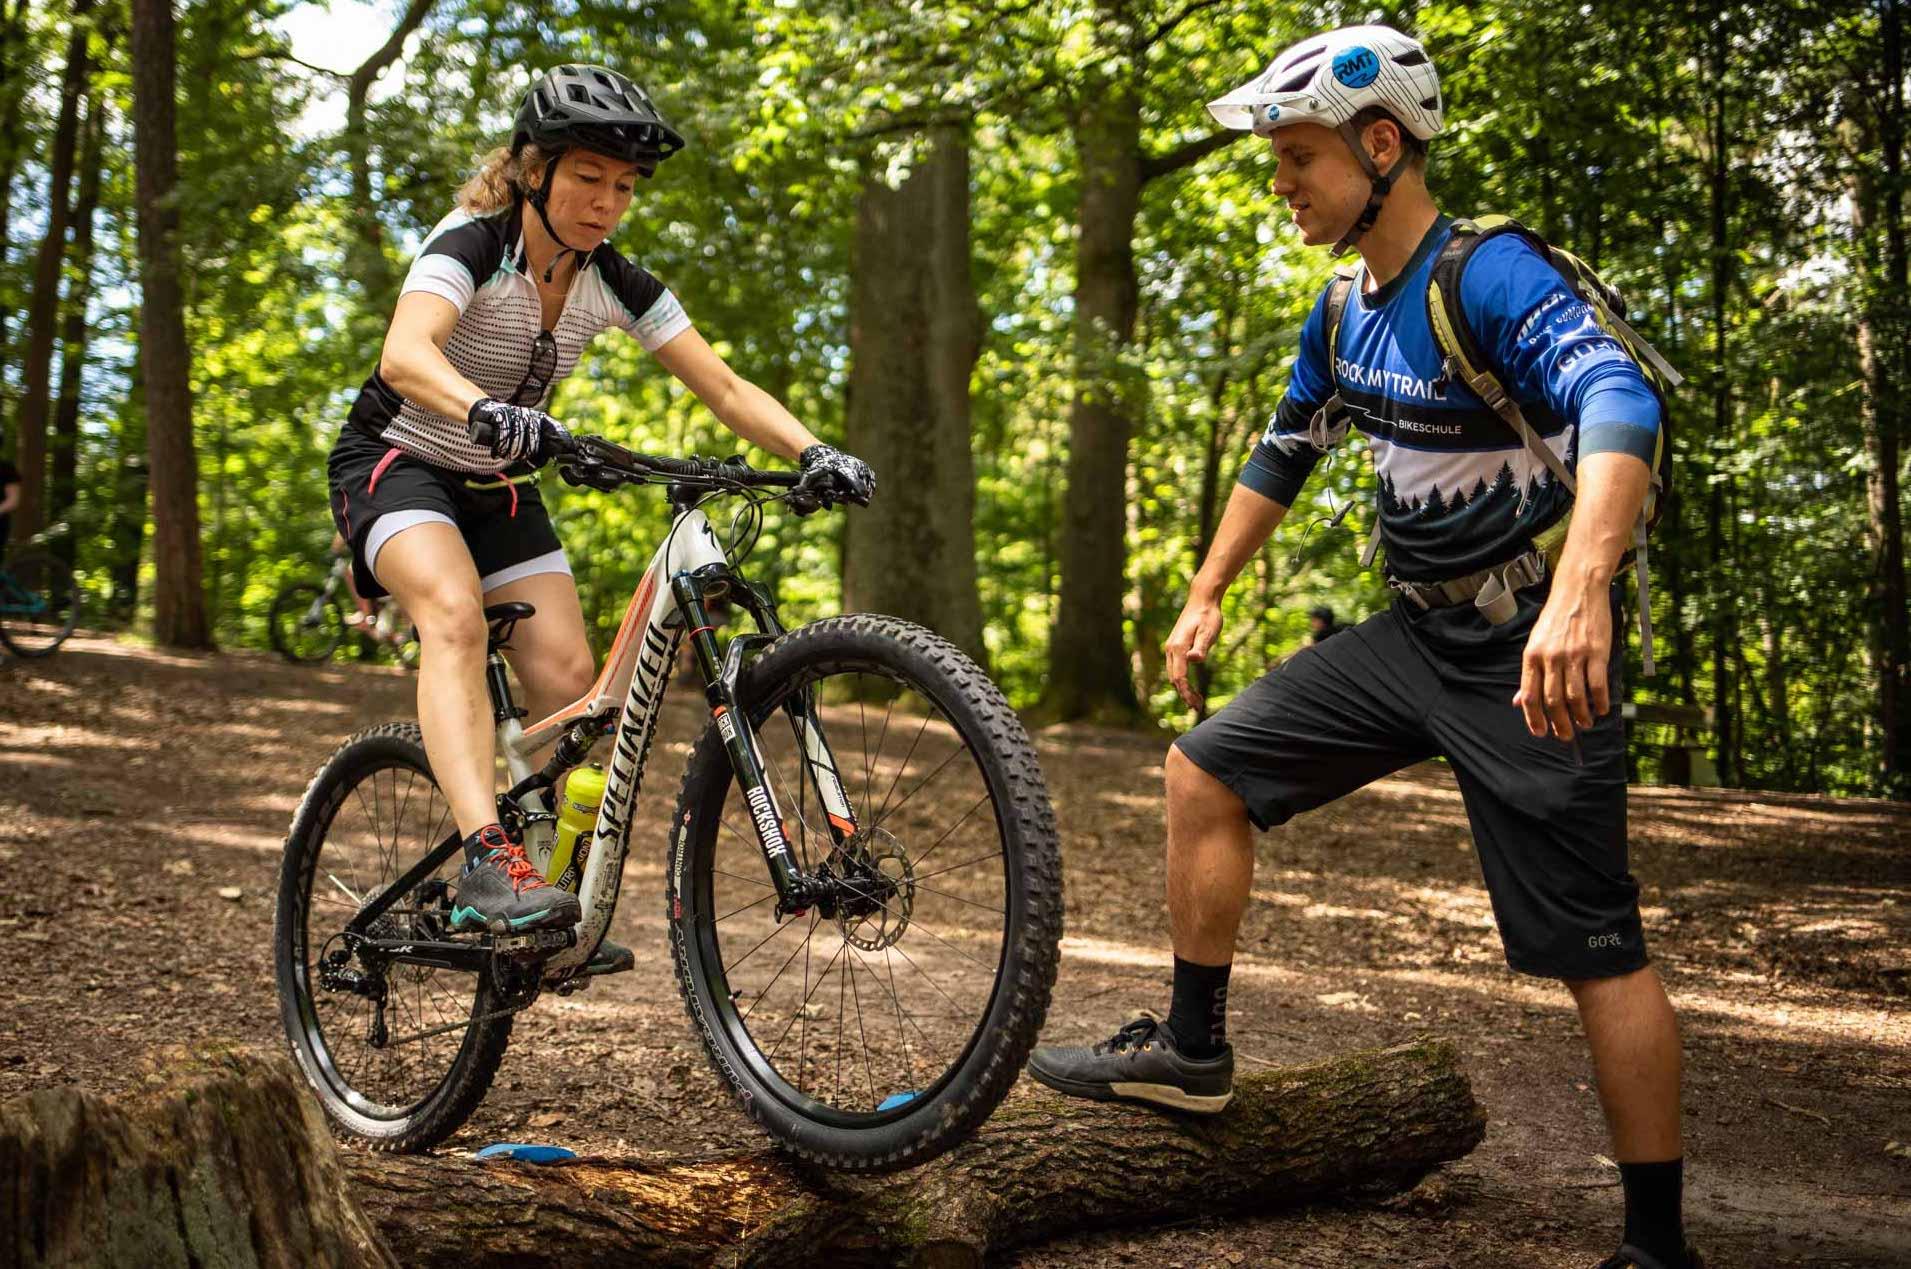 MTB Fahrtechnik Kurs für Einsteiger in Siegburg   Bonn - Mountainbike Basic - Rock my Trail Bikeschule - 28